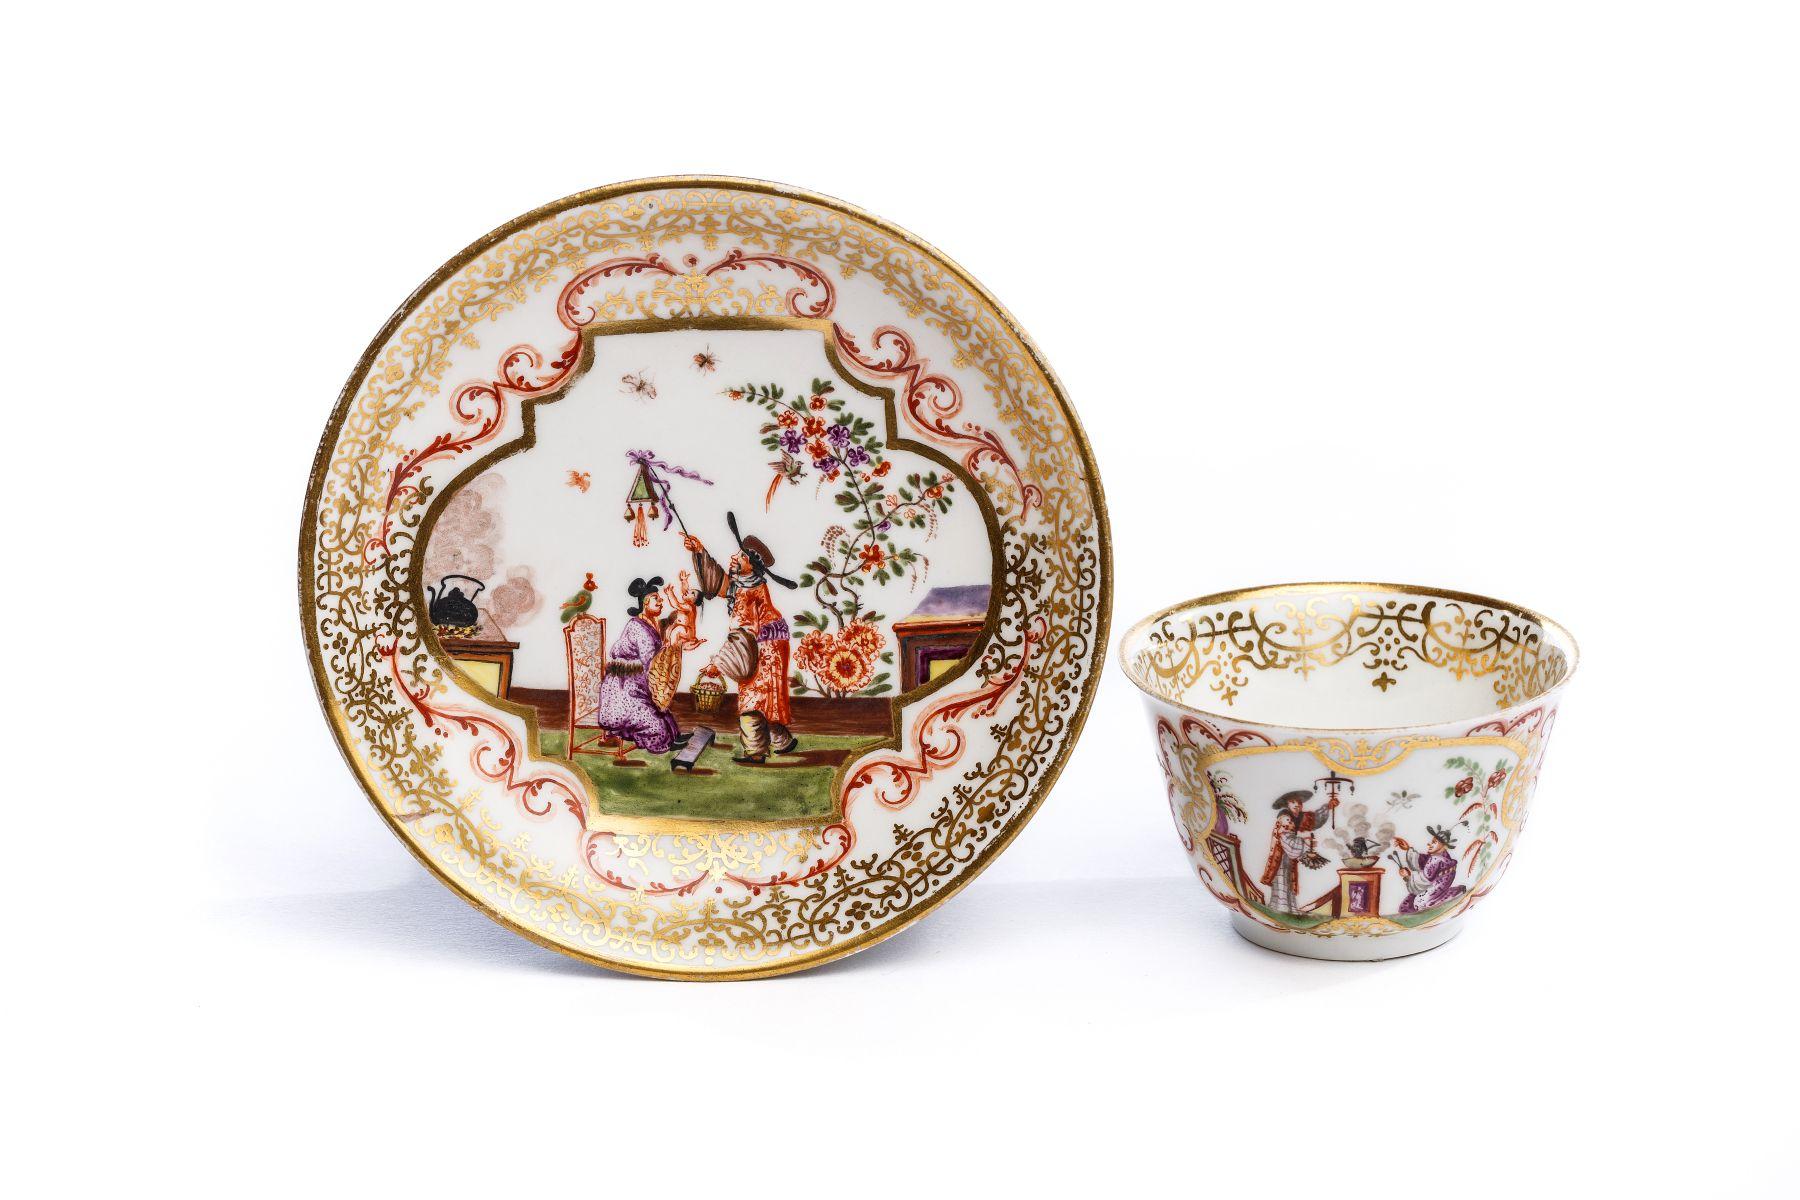 #69 Bowl with saucer, Meissen 1725 | Koppchen mit Unterschale, Meissen 1725 Image